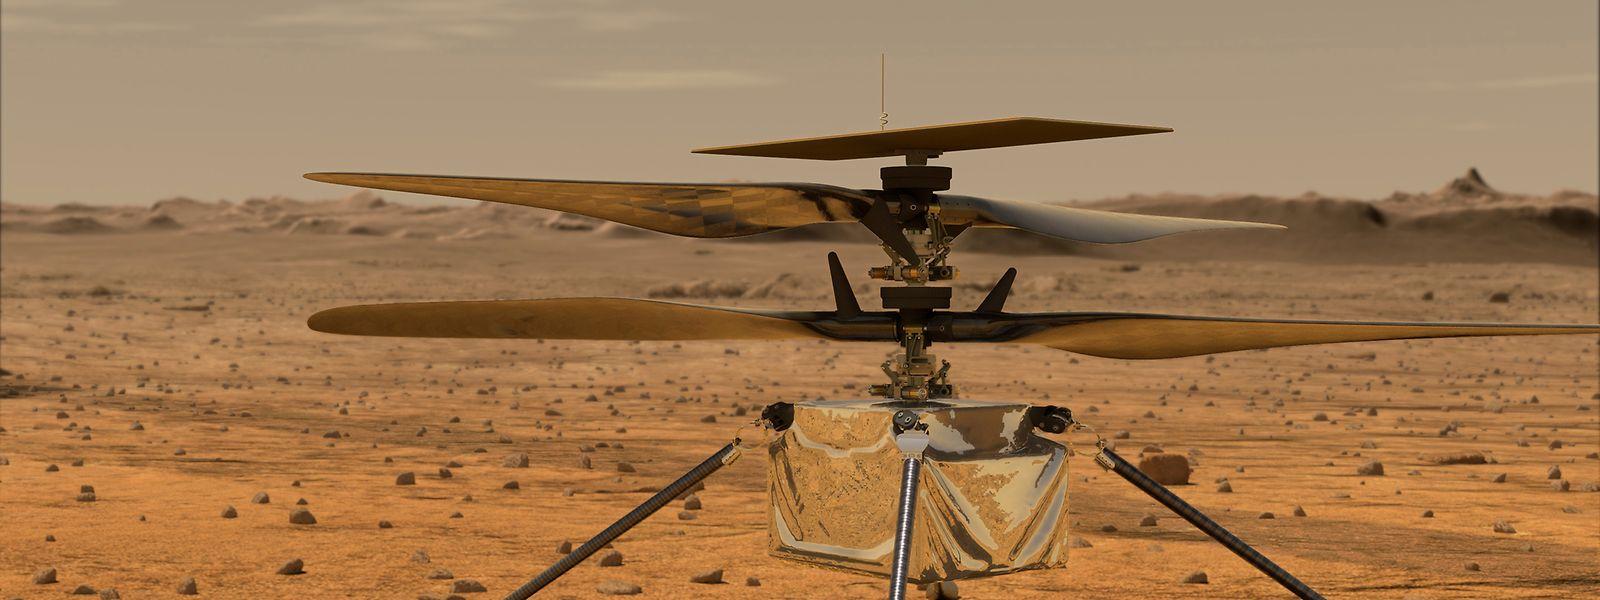 """Eine Illustration zeigt den Mini-Hubschrauber """"Ingenuity"""" auf der Marsoberfläche."""